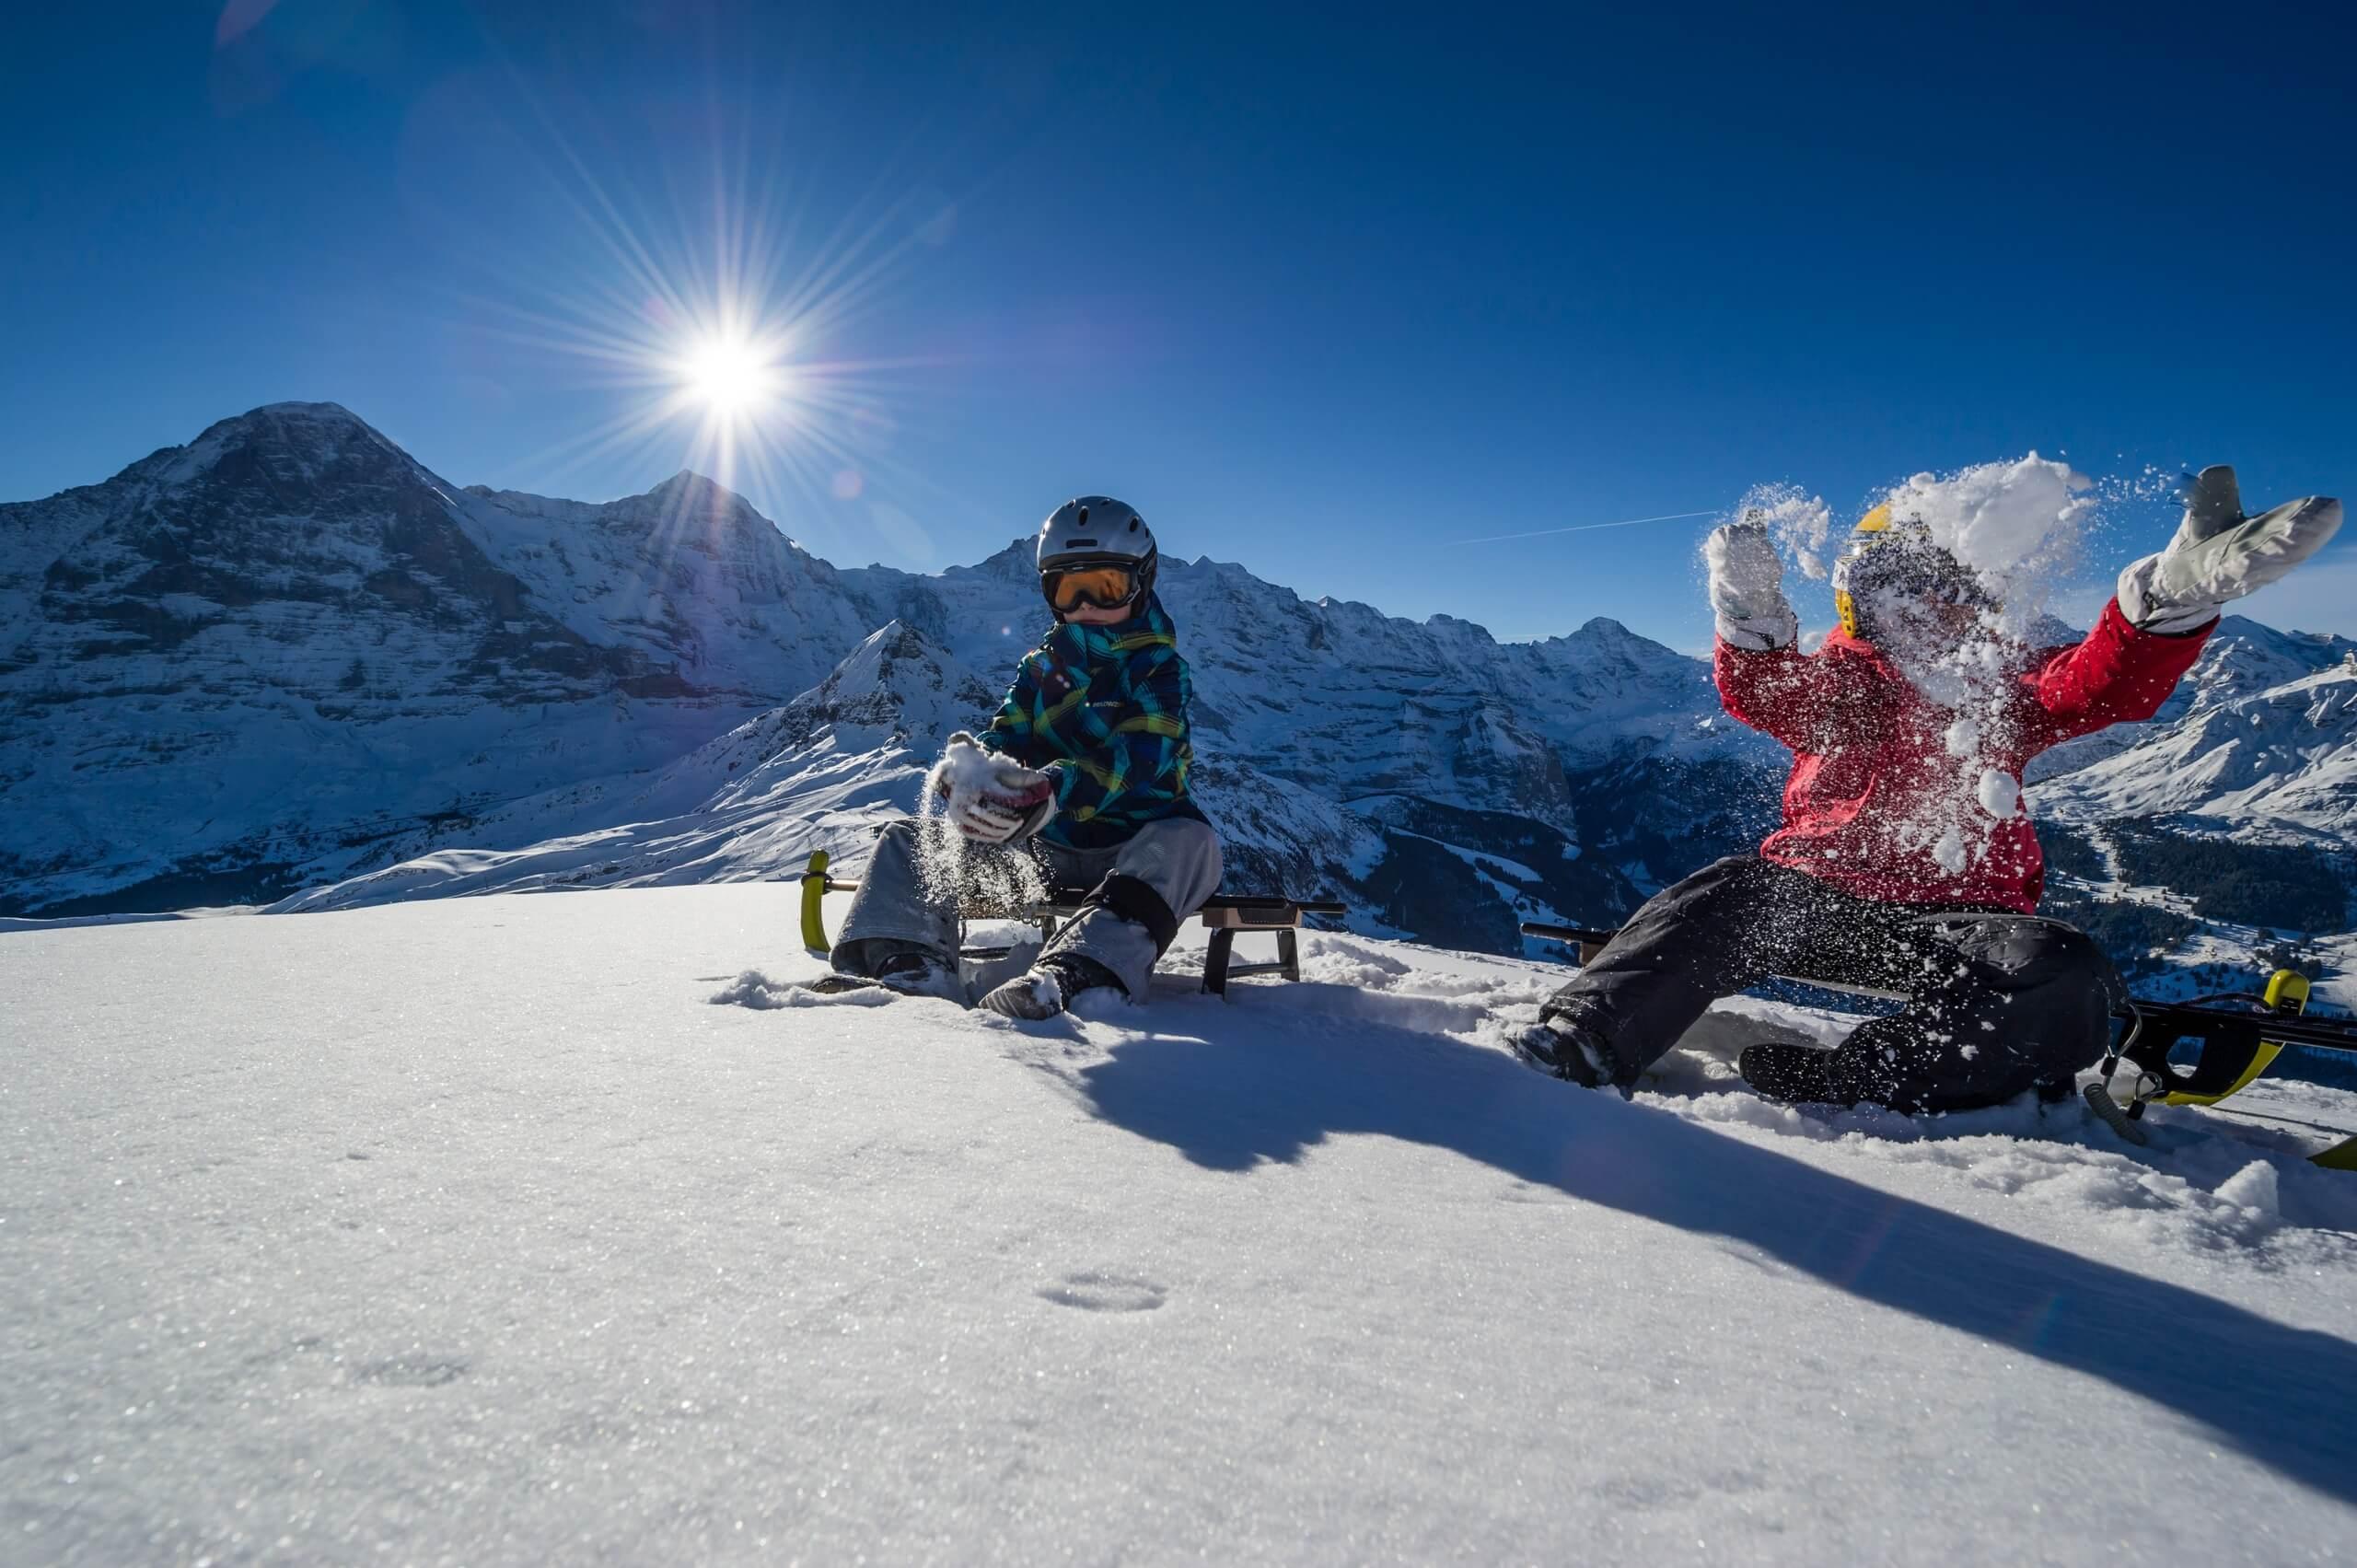 maennlichen-schlitteln-sonnenschein-winter-panorama